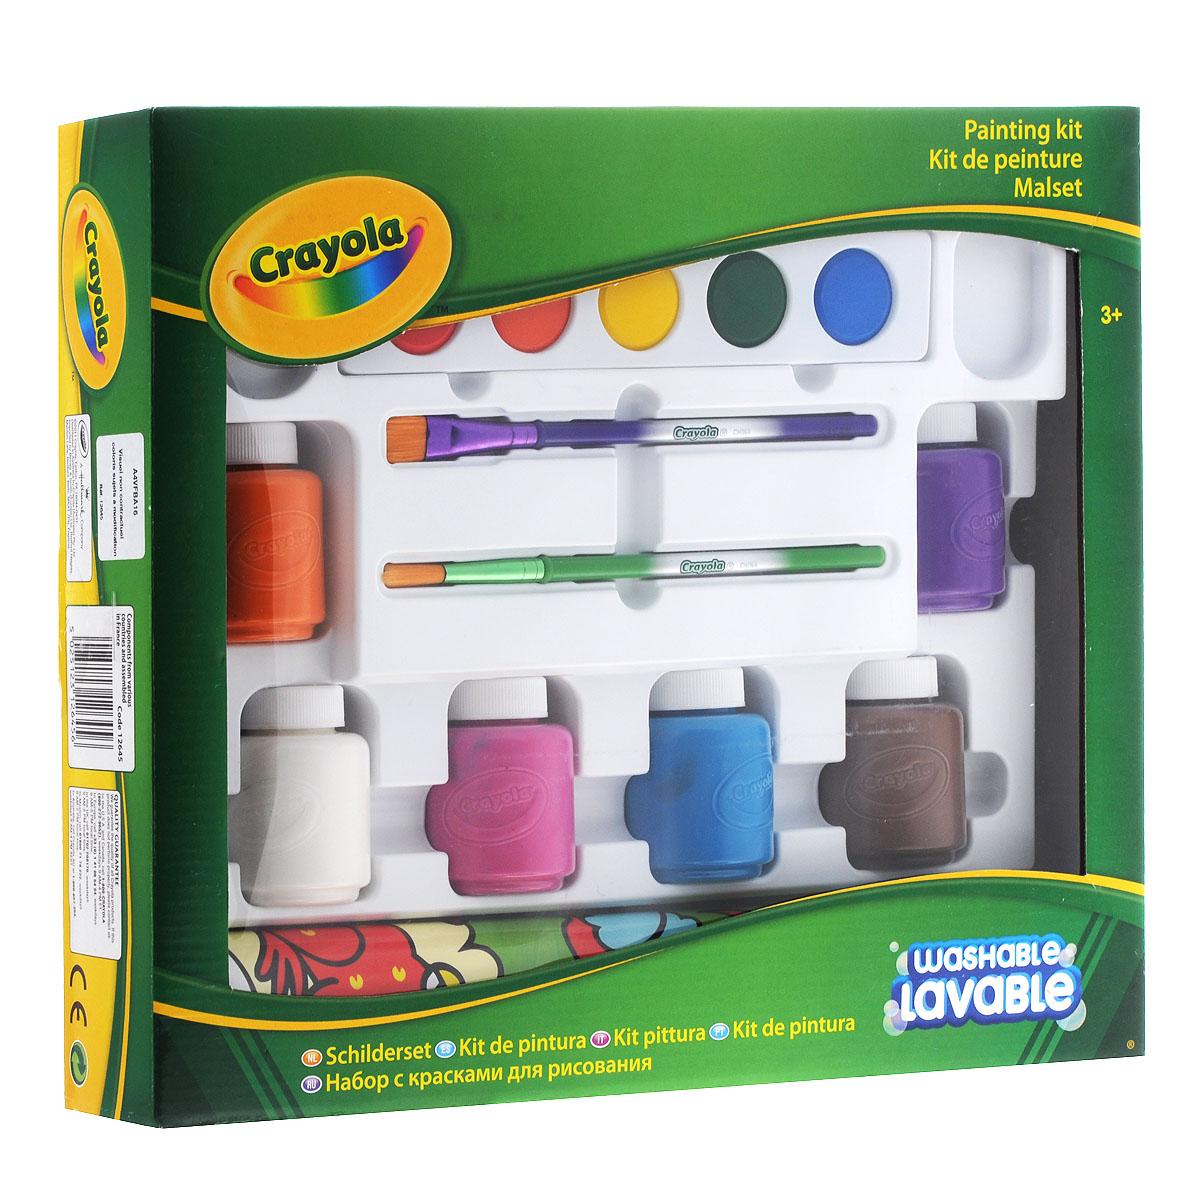 Набор с красками для рисования Crayola12645Набор красок для рисования Crayola идеально подойдет для детского художественного творчества, изобразительных и оформительских работ. В набор входят 6 пластиковых баночек со смываемой гуашью (оранжевого, белого, розового, голубого, коричневого и фиолетового цветов), 2 кисточки с наконечниками из натурального ворса, планка с акварельными красками 5 цветов (синего, зеленого, желтого, оранжевого и красного) и коврик для рисования, оформленный изображением забавных животных. Акварельные краски Crayola помогут вам добиться максимально ярких цветов, не теряющих своего цвета даже при разведении водой. Гуашь Crayola рекомендуется использовать для рисования на сложных поверхностях - плакатах, папье-маше, дереве, картоне. Краска не растекается, хорошо и равномерно ложится. В их составе только экологически чистые, не токсичные и не вызывающие аллергии красители, которые не раздражают нежную детскую кожу при случайном попадании. Они легко смываются с рук и одежды с помощью воды и мыла. ...